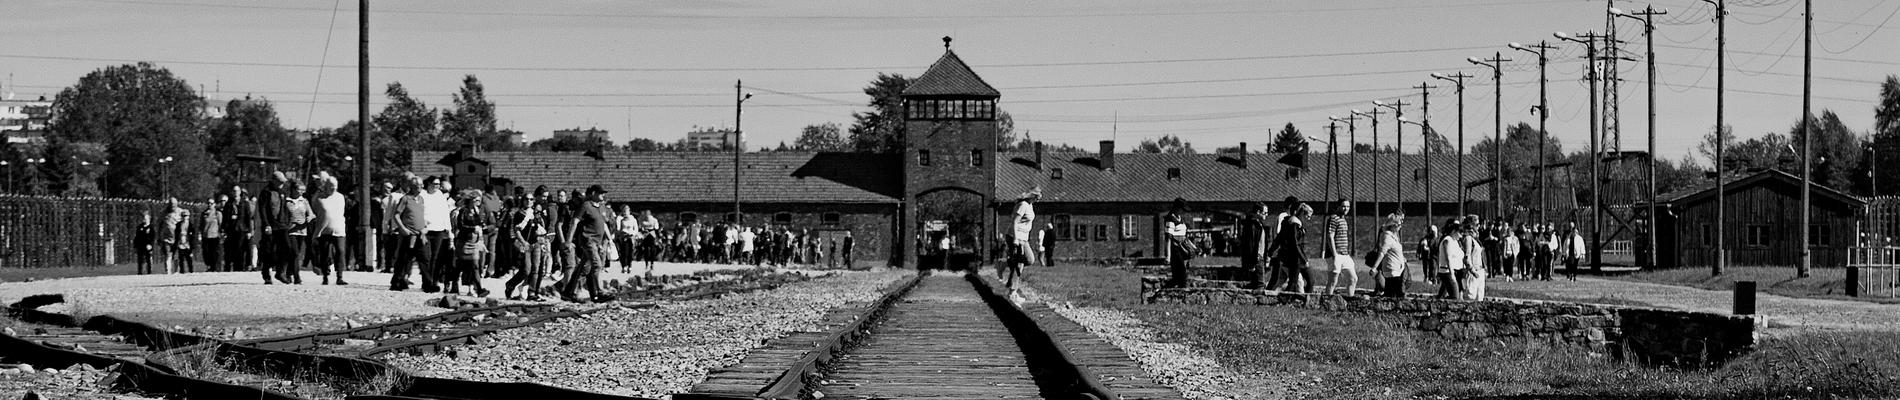 Gedenkstätte Auschwitz-Birkenau